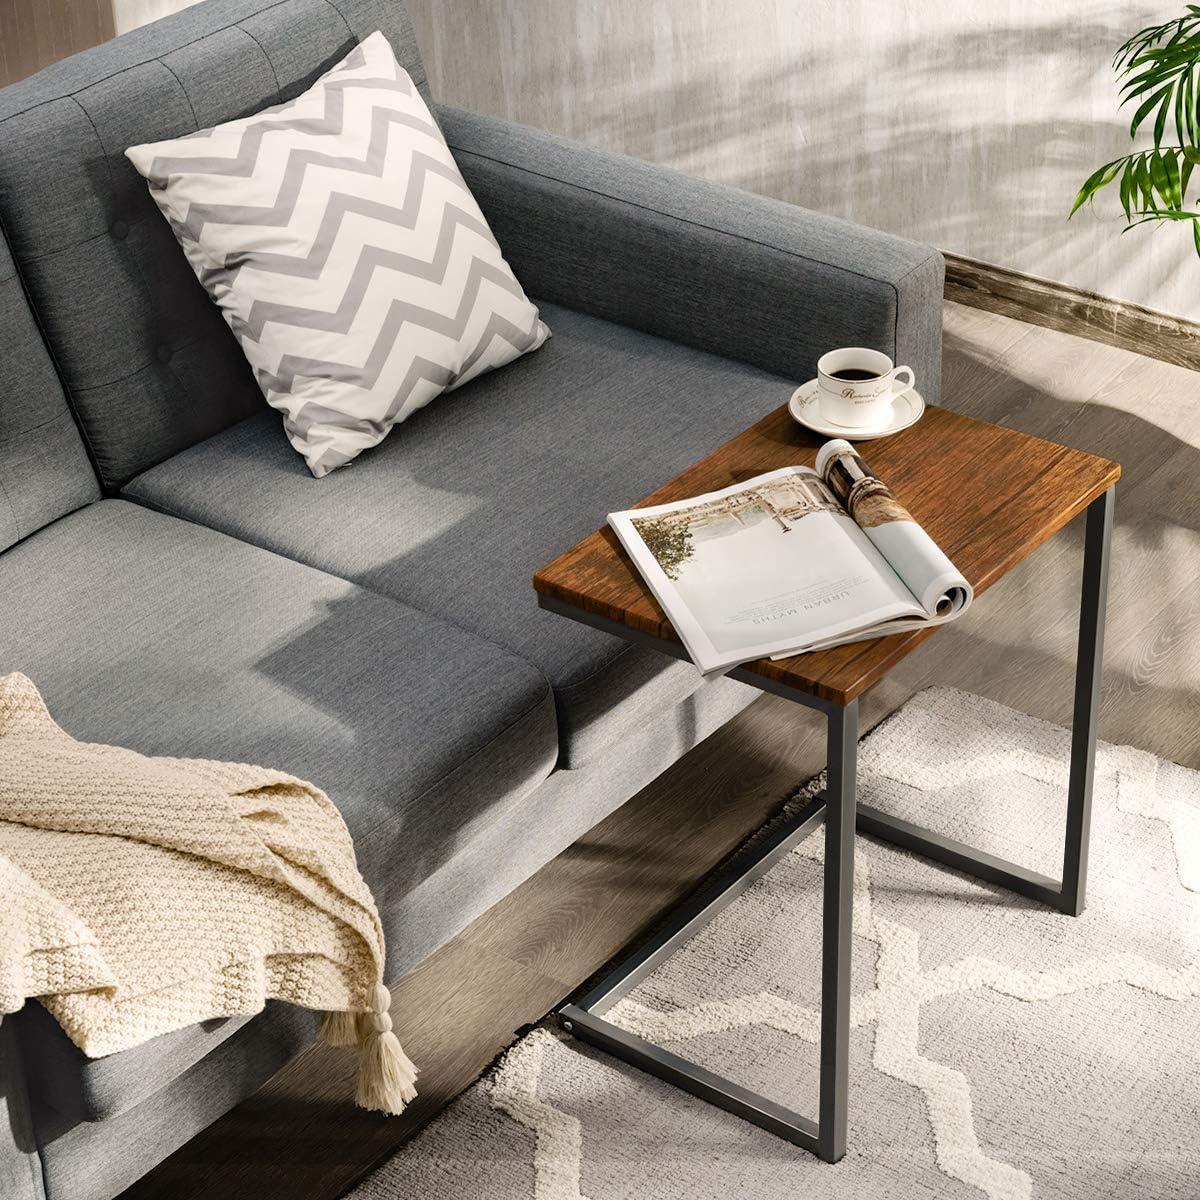 Tavolino da Salotto Moderno Ideale per Domestico e Ufficio COSTWAY Set di 3 Tavolino da caff/è a Diversi Dimensioni